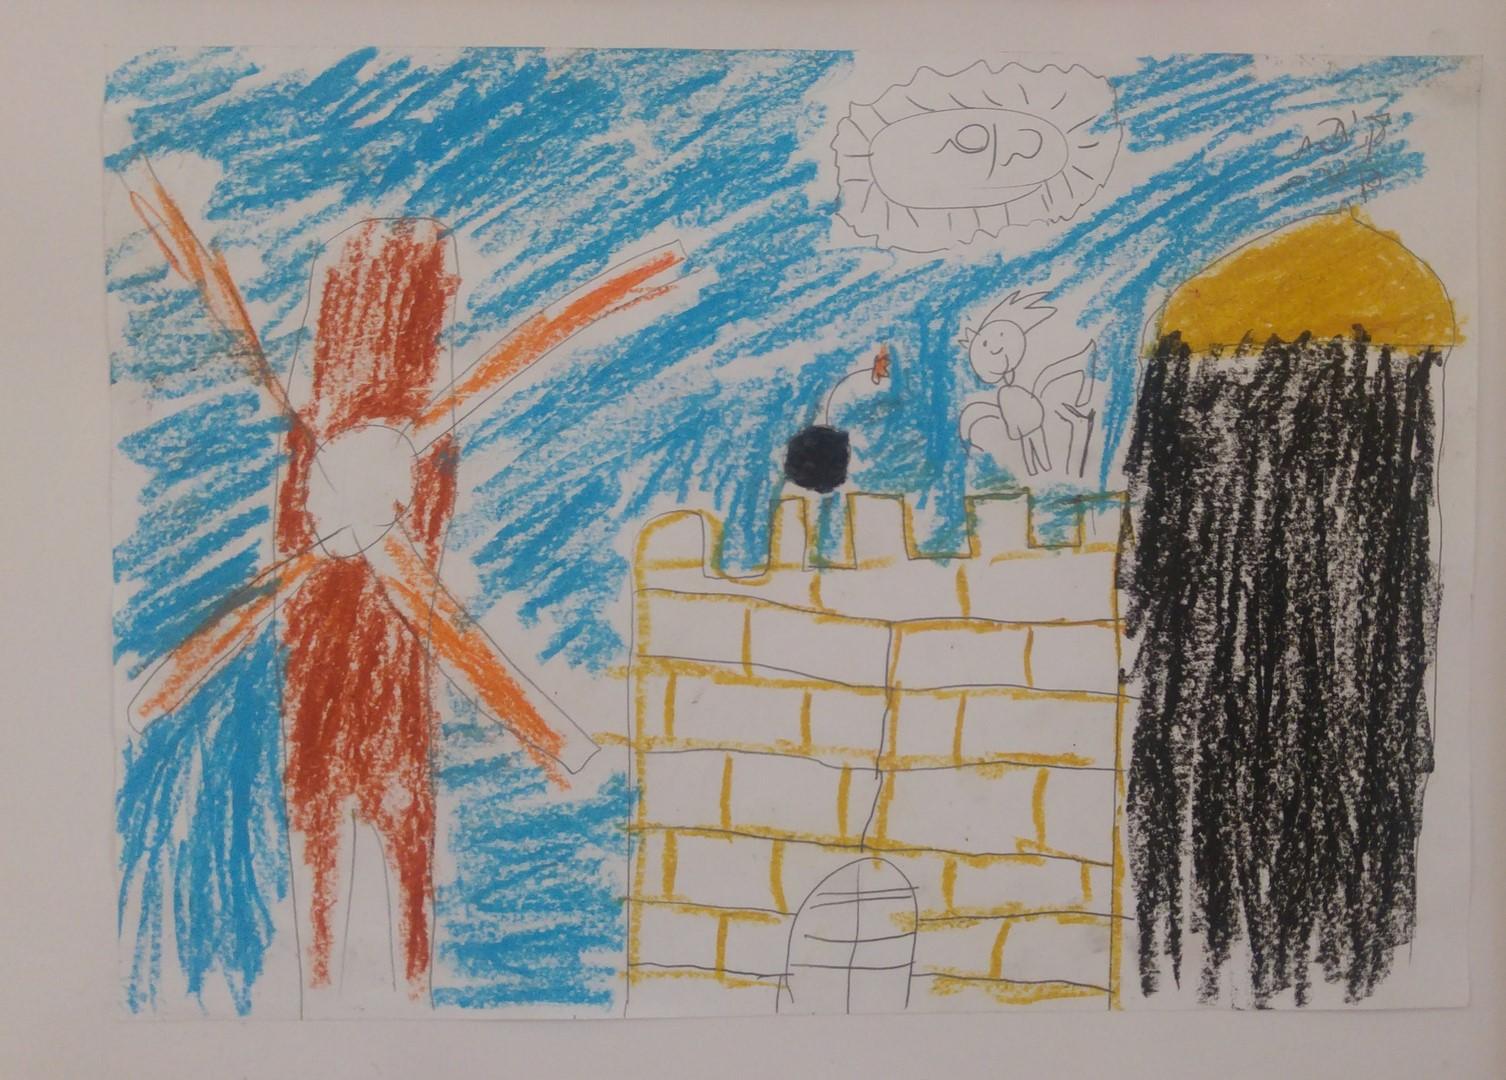 תלמידי שיזף מציירים את נופי ירושלים בהנחיית המורות לאומנות דנית ושולמית by אילן  - Ourboox.com